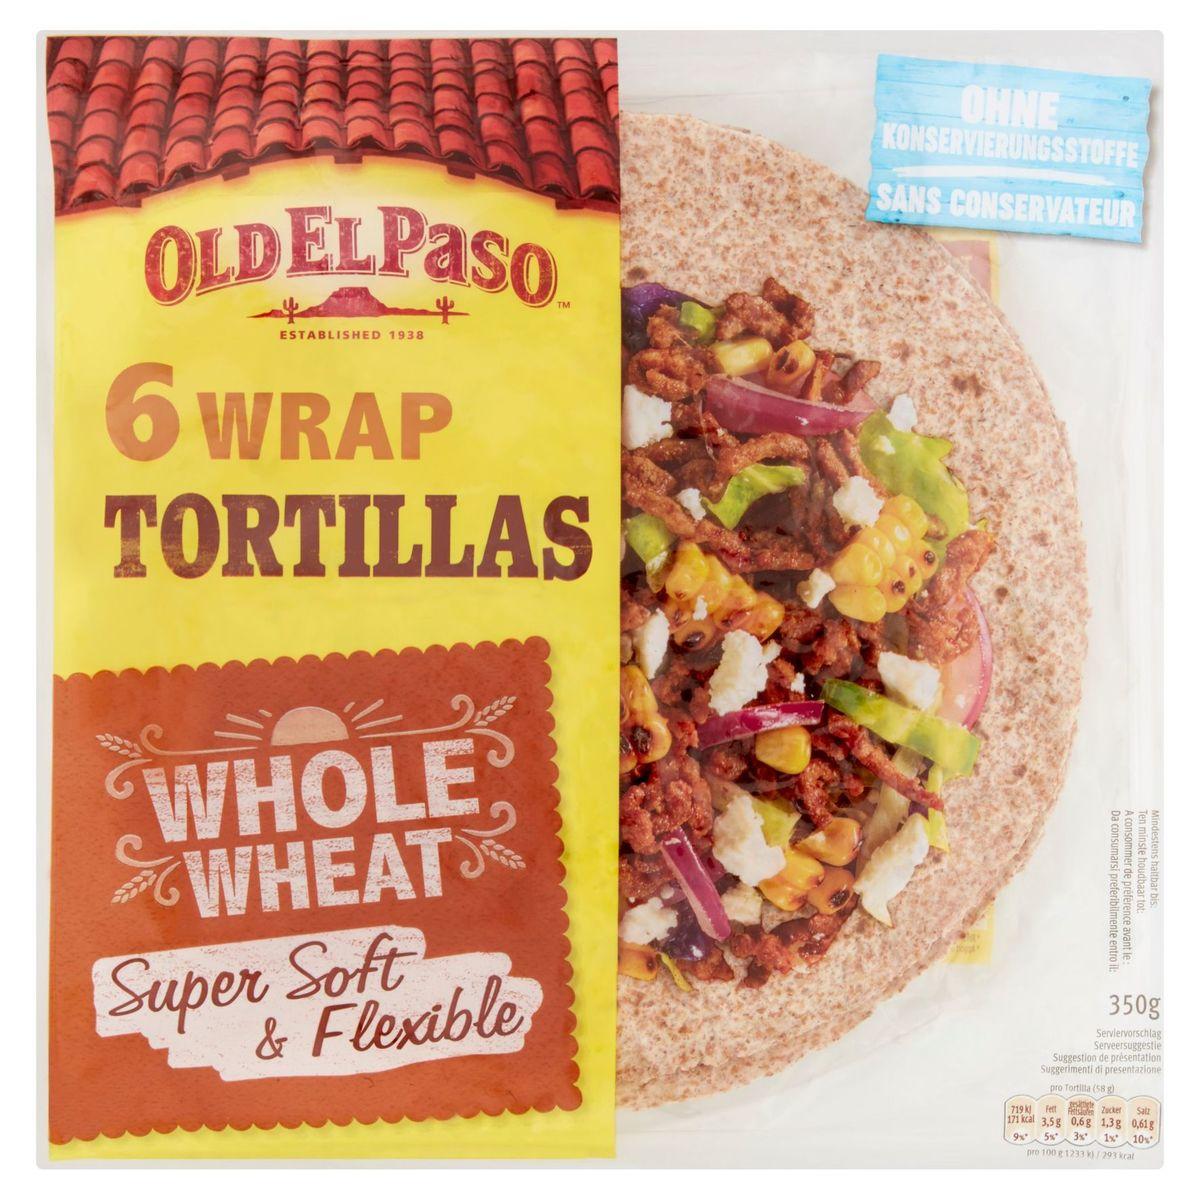 Old El Paso 6 Wrap Tortillas Whole Wheat 350 g